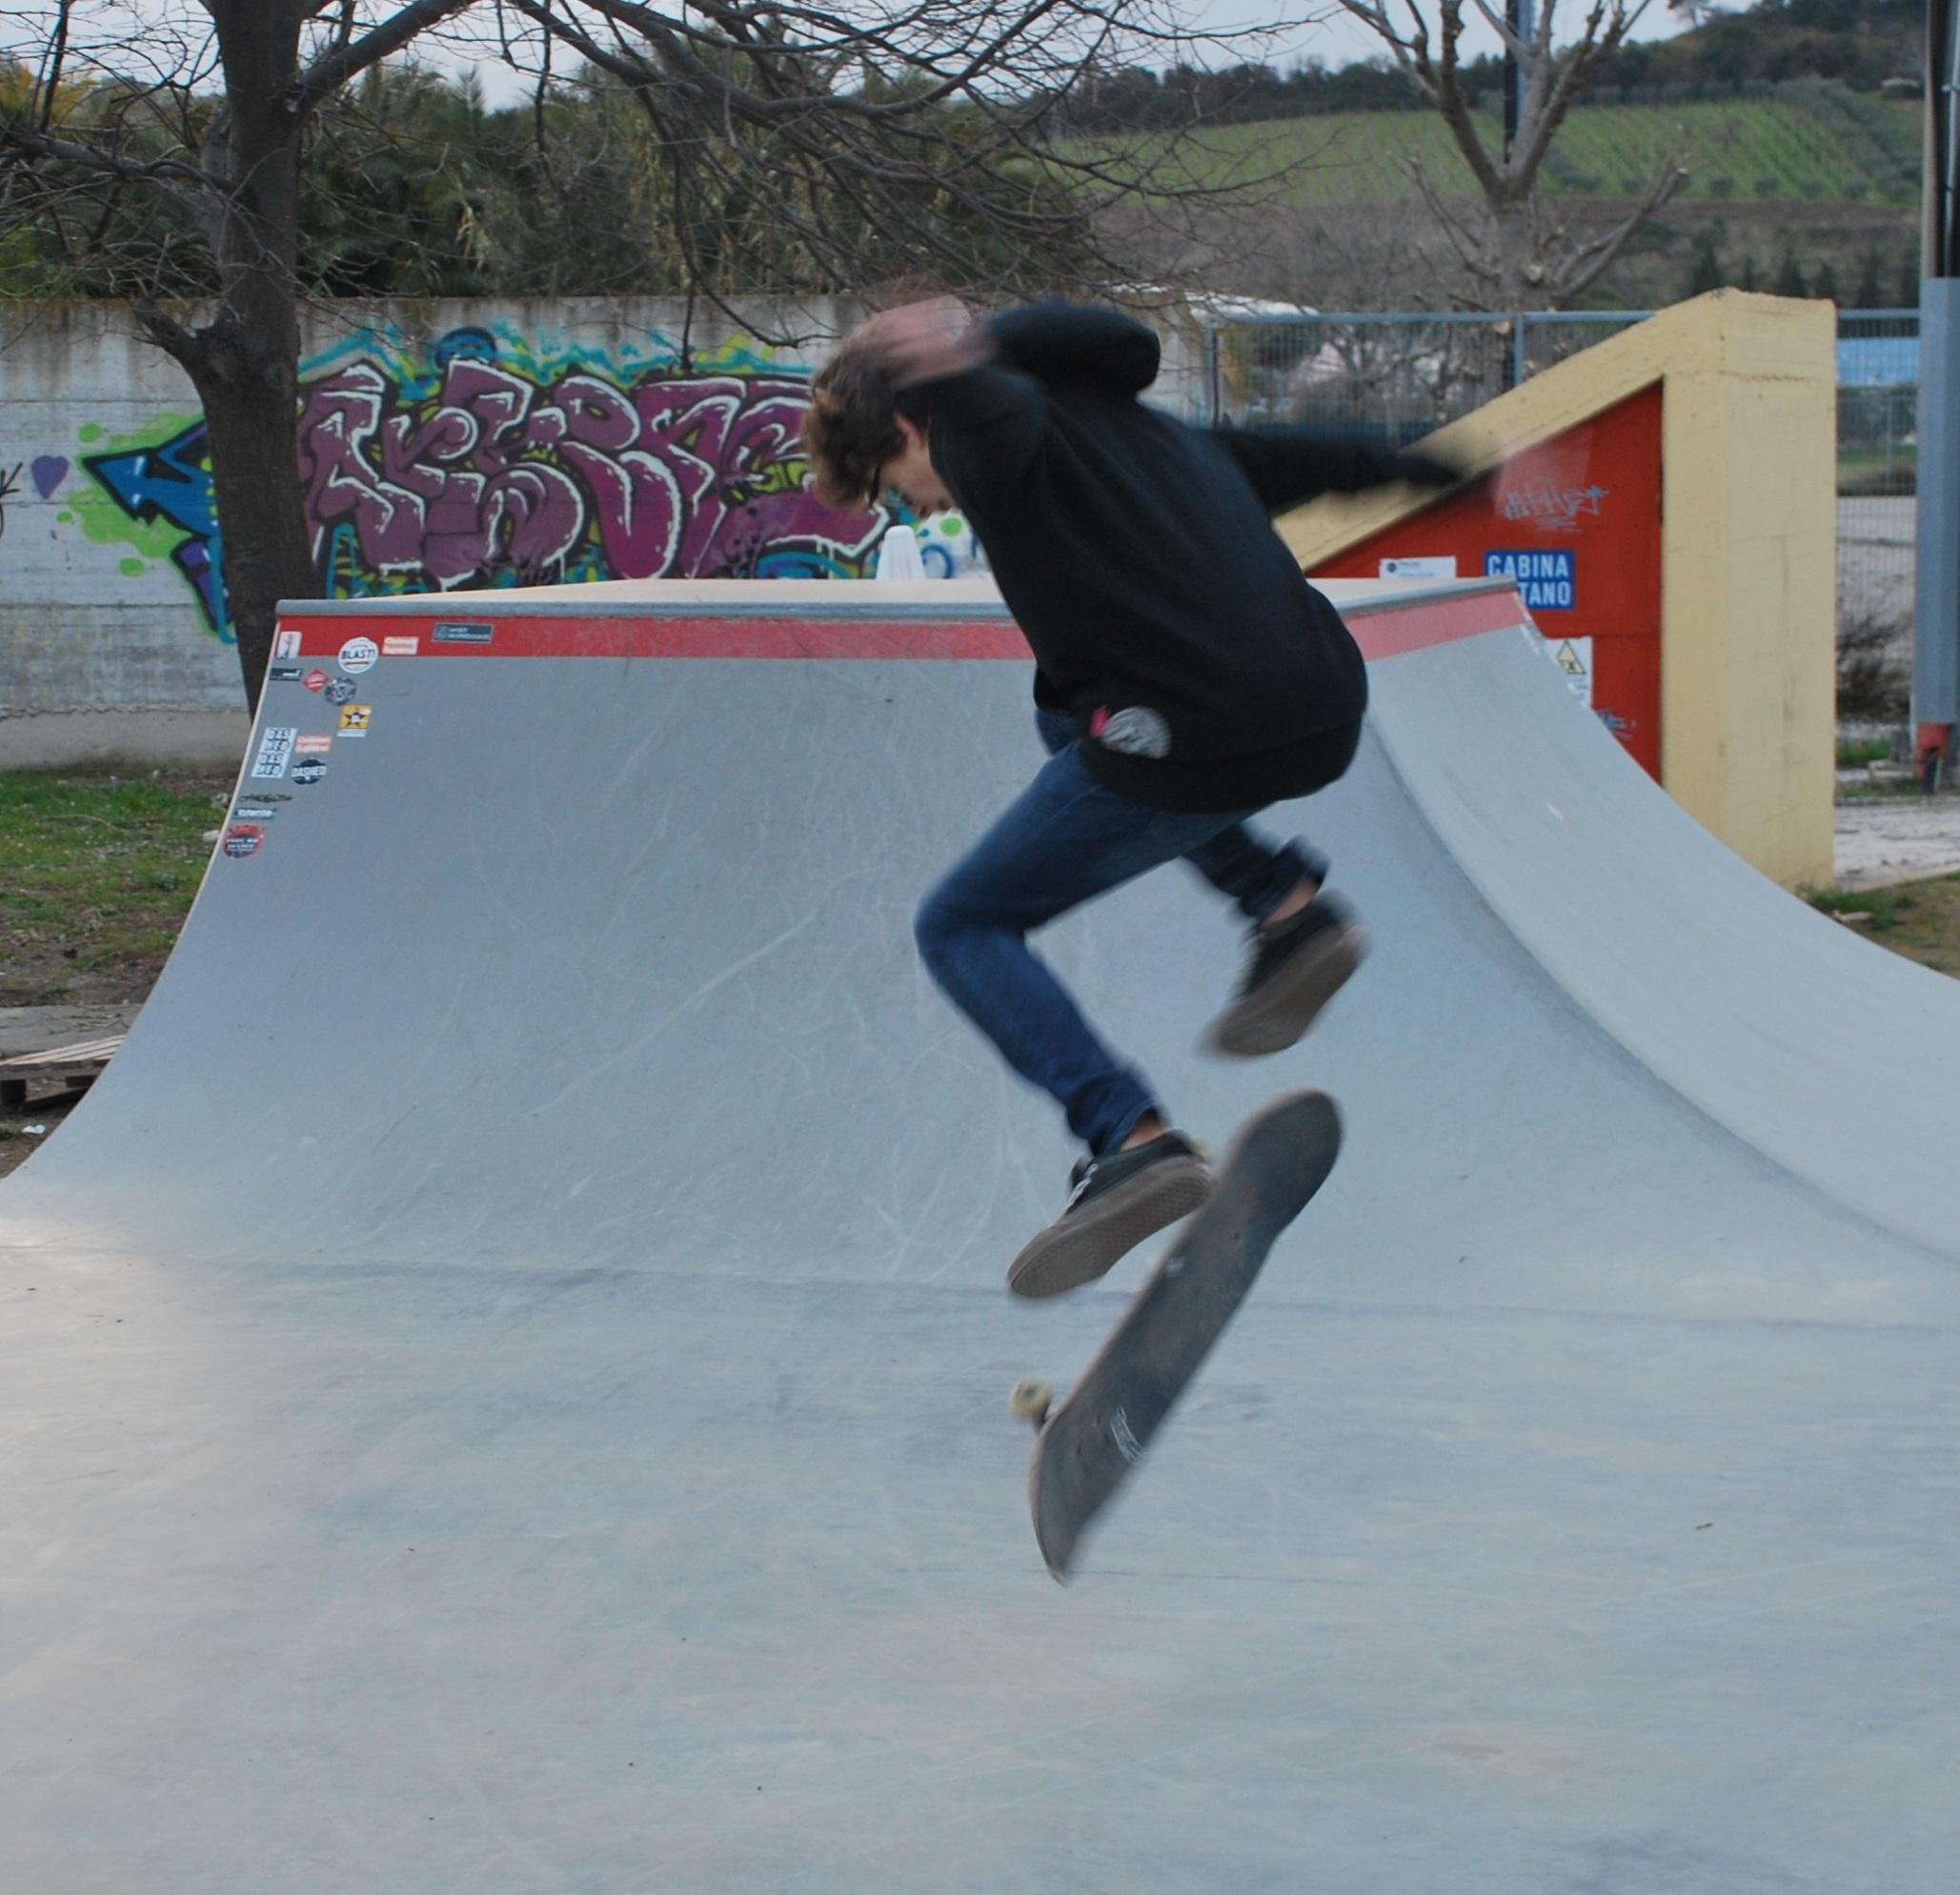 Skate park, s'installa la recinzione